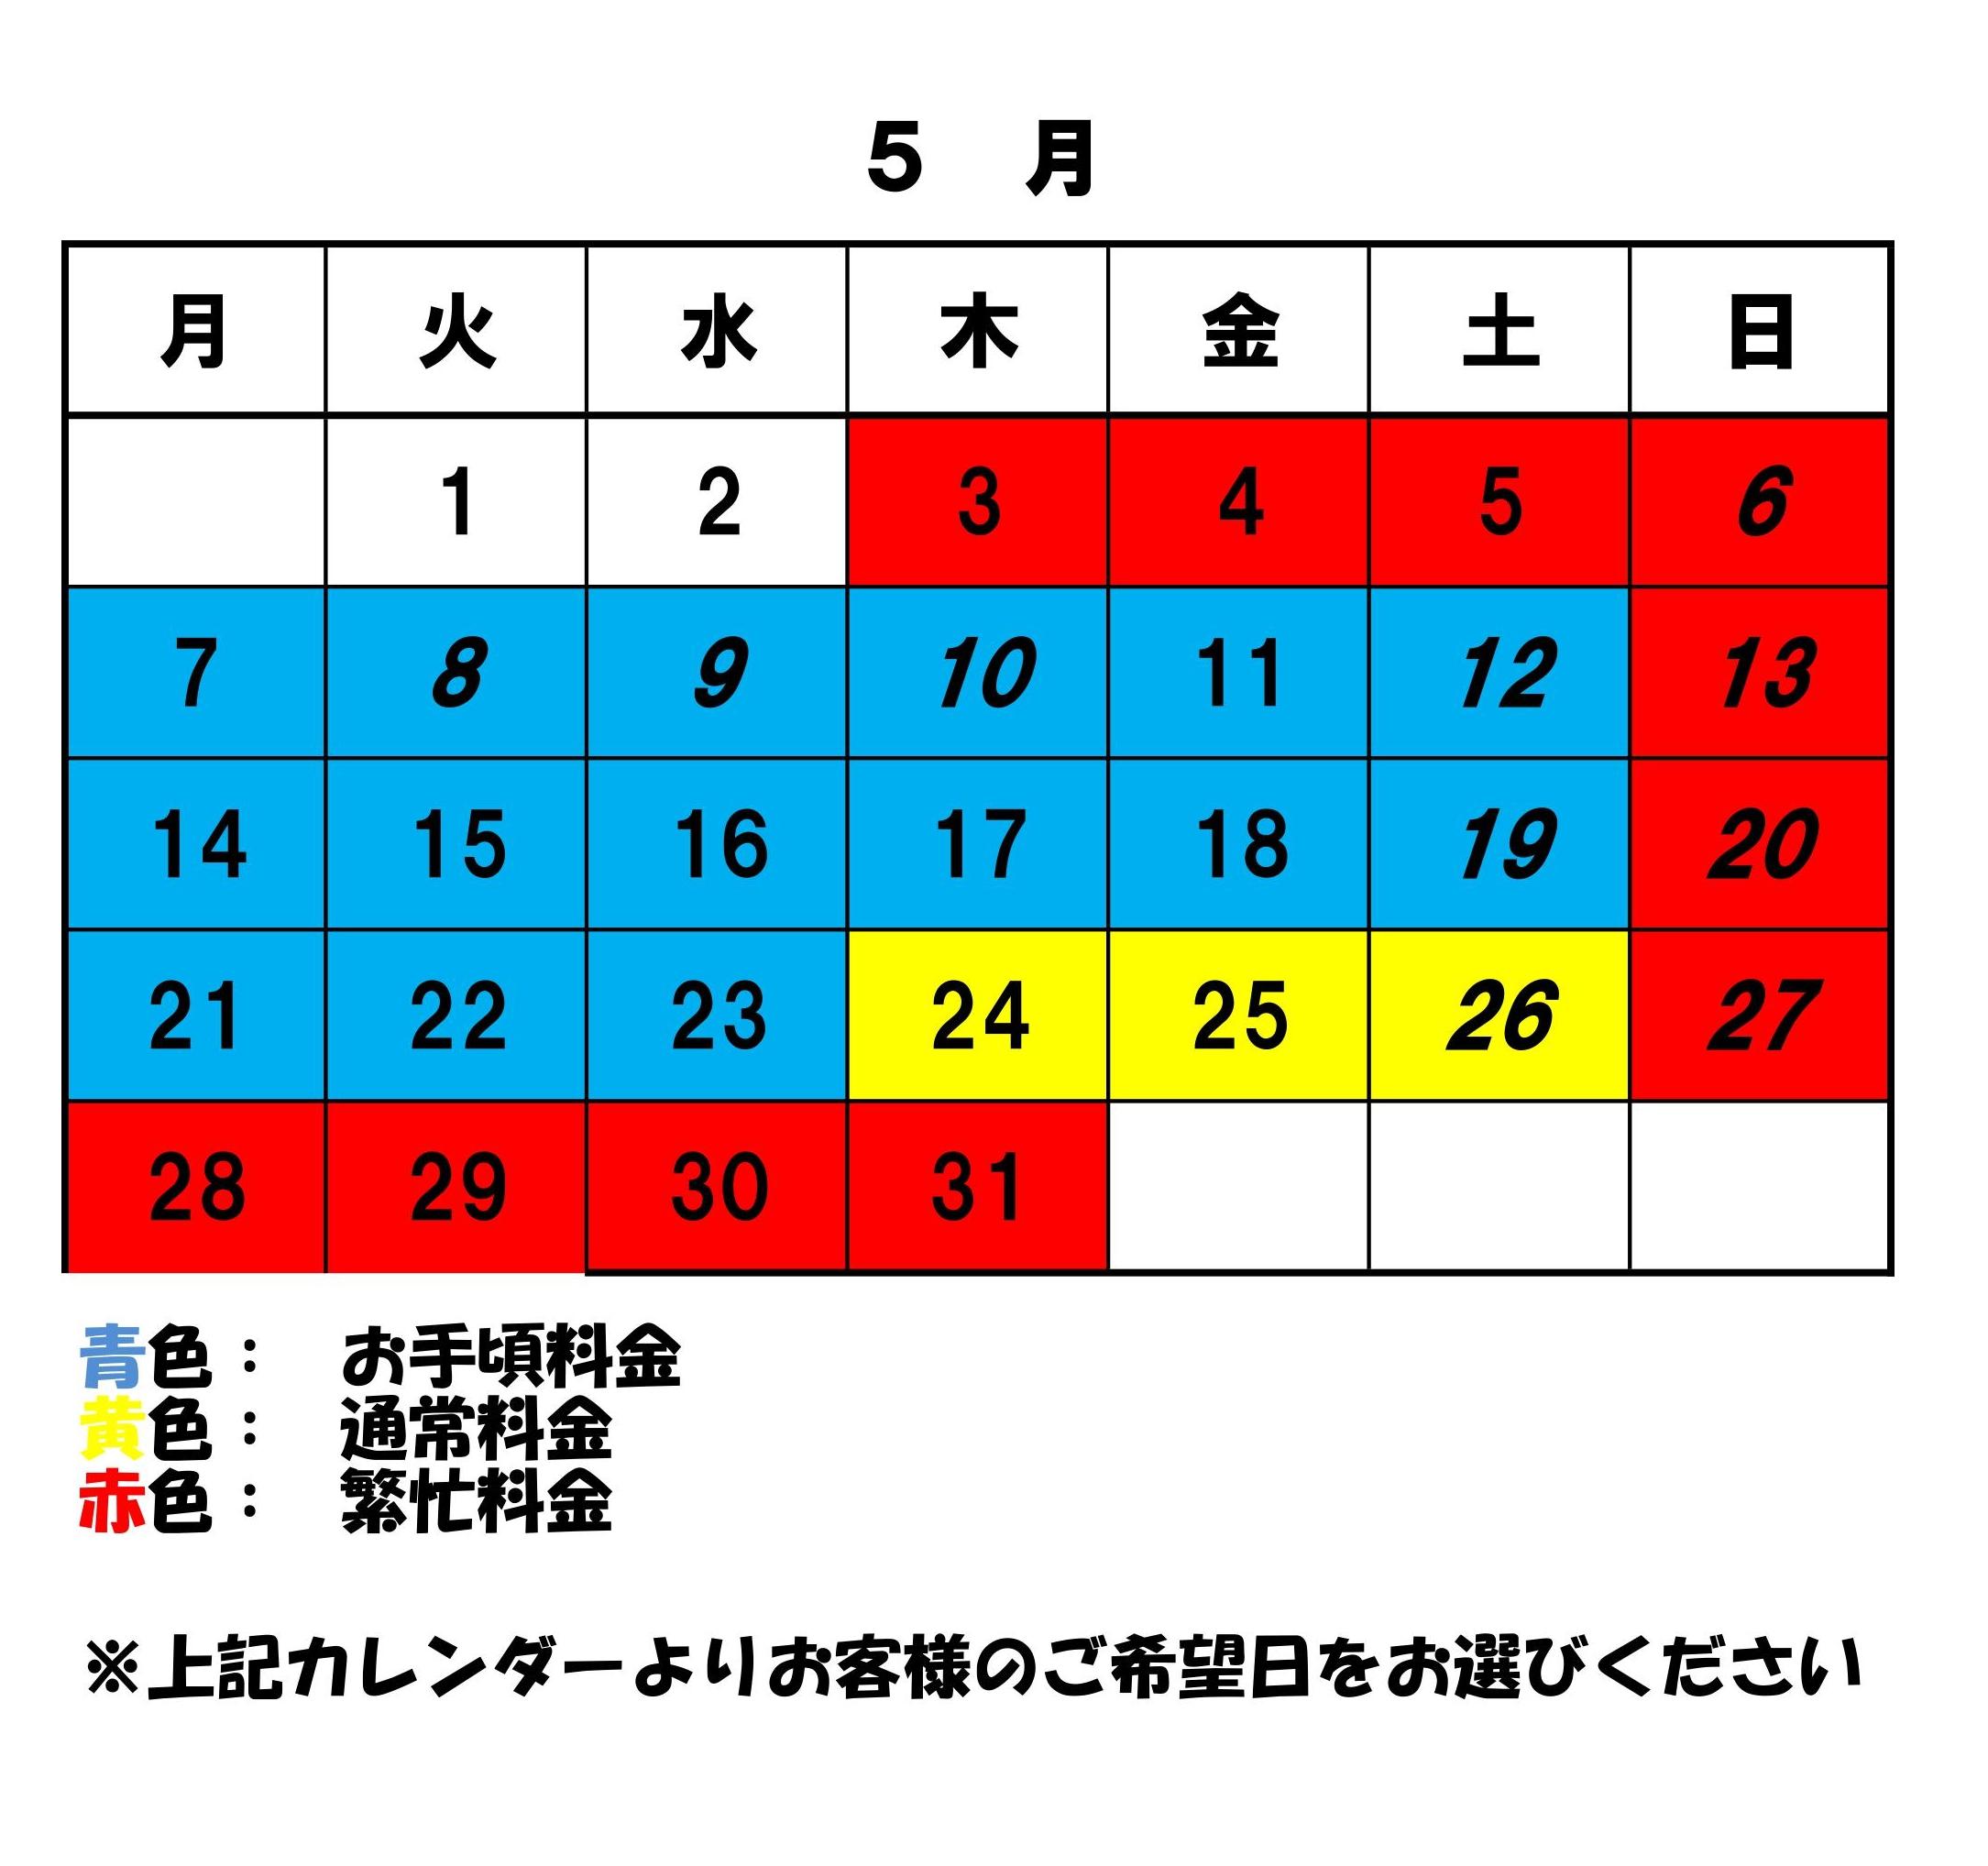 http://www.ikedapiano.co.jp/0001%20%283%29.jpg